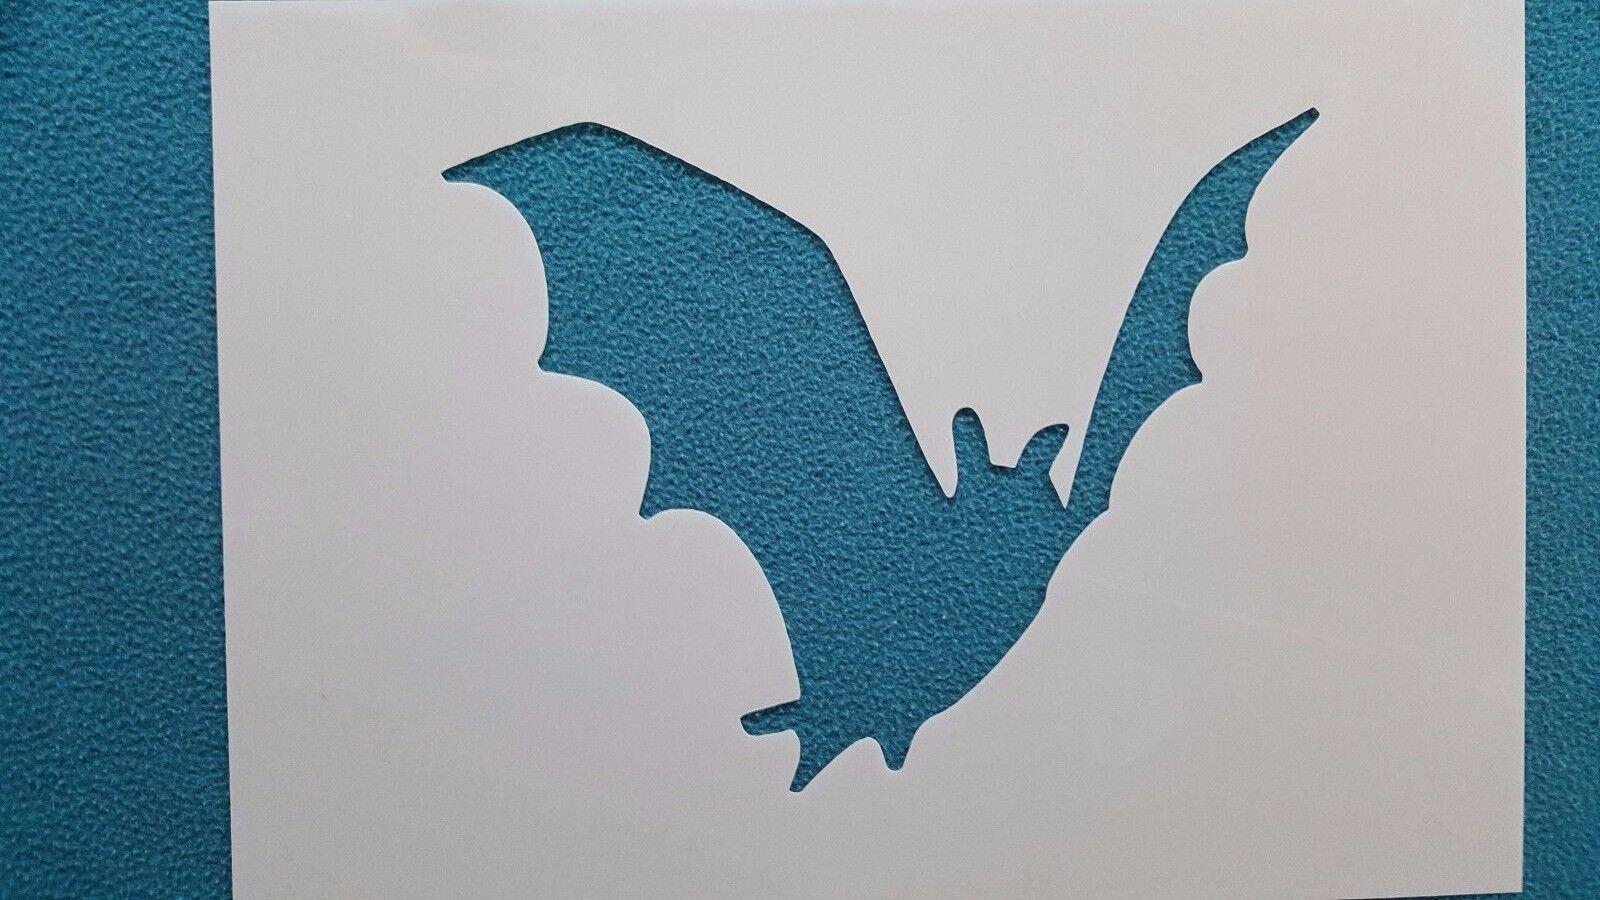 Schablone 913 Fledermaus Mylar Shabby Stencil Wandtattoos Wandbilder Airbrush